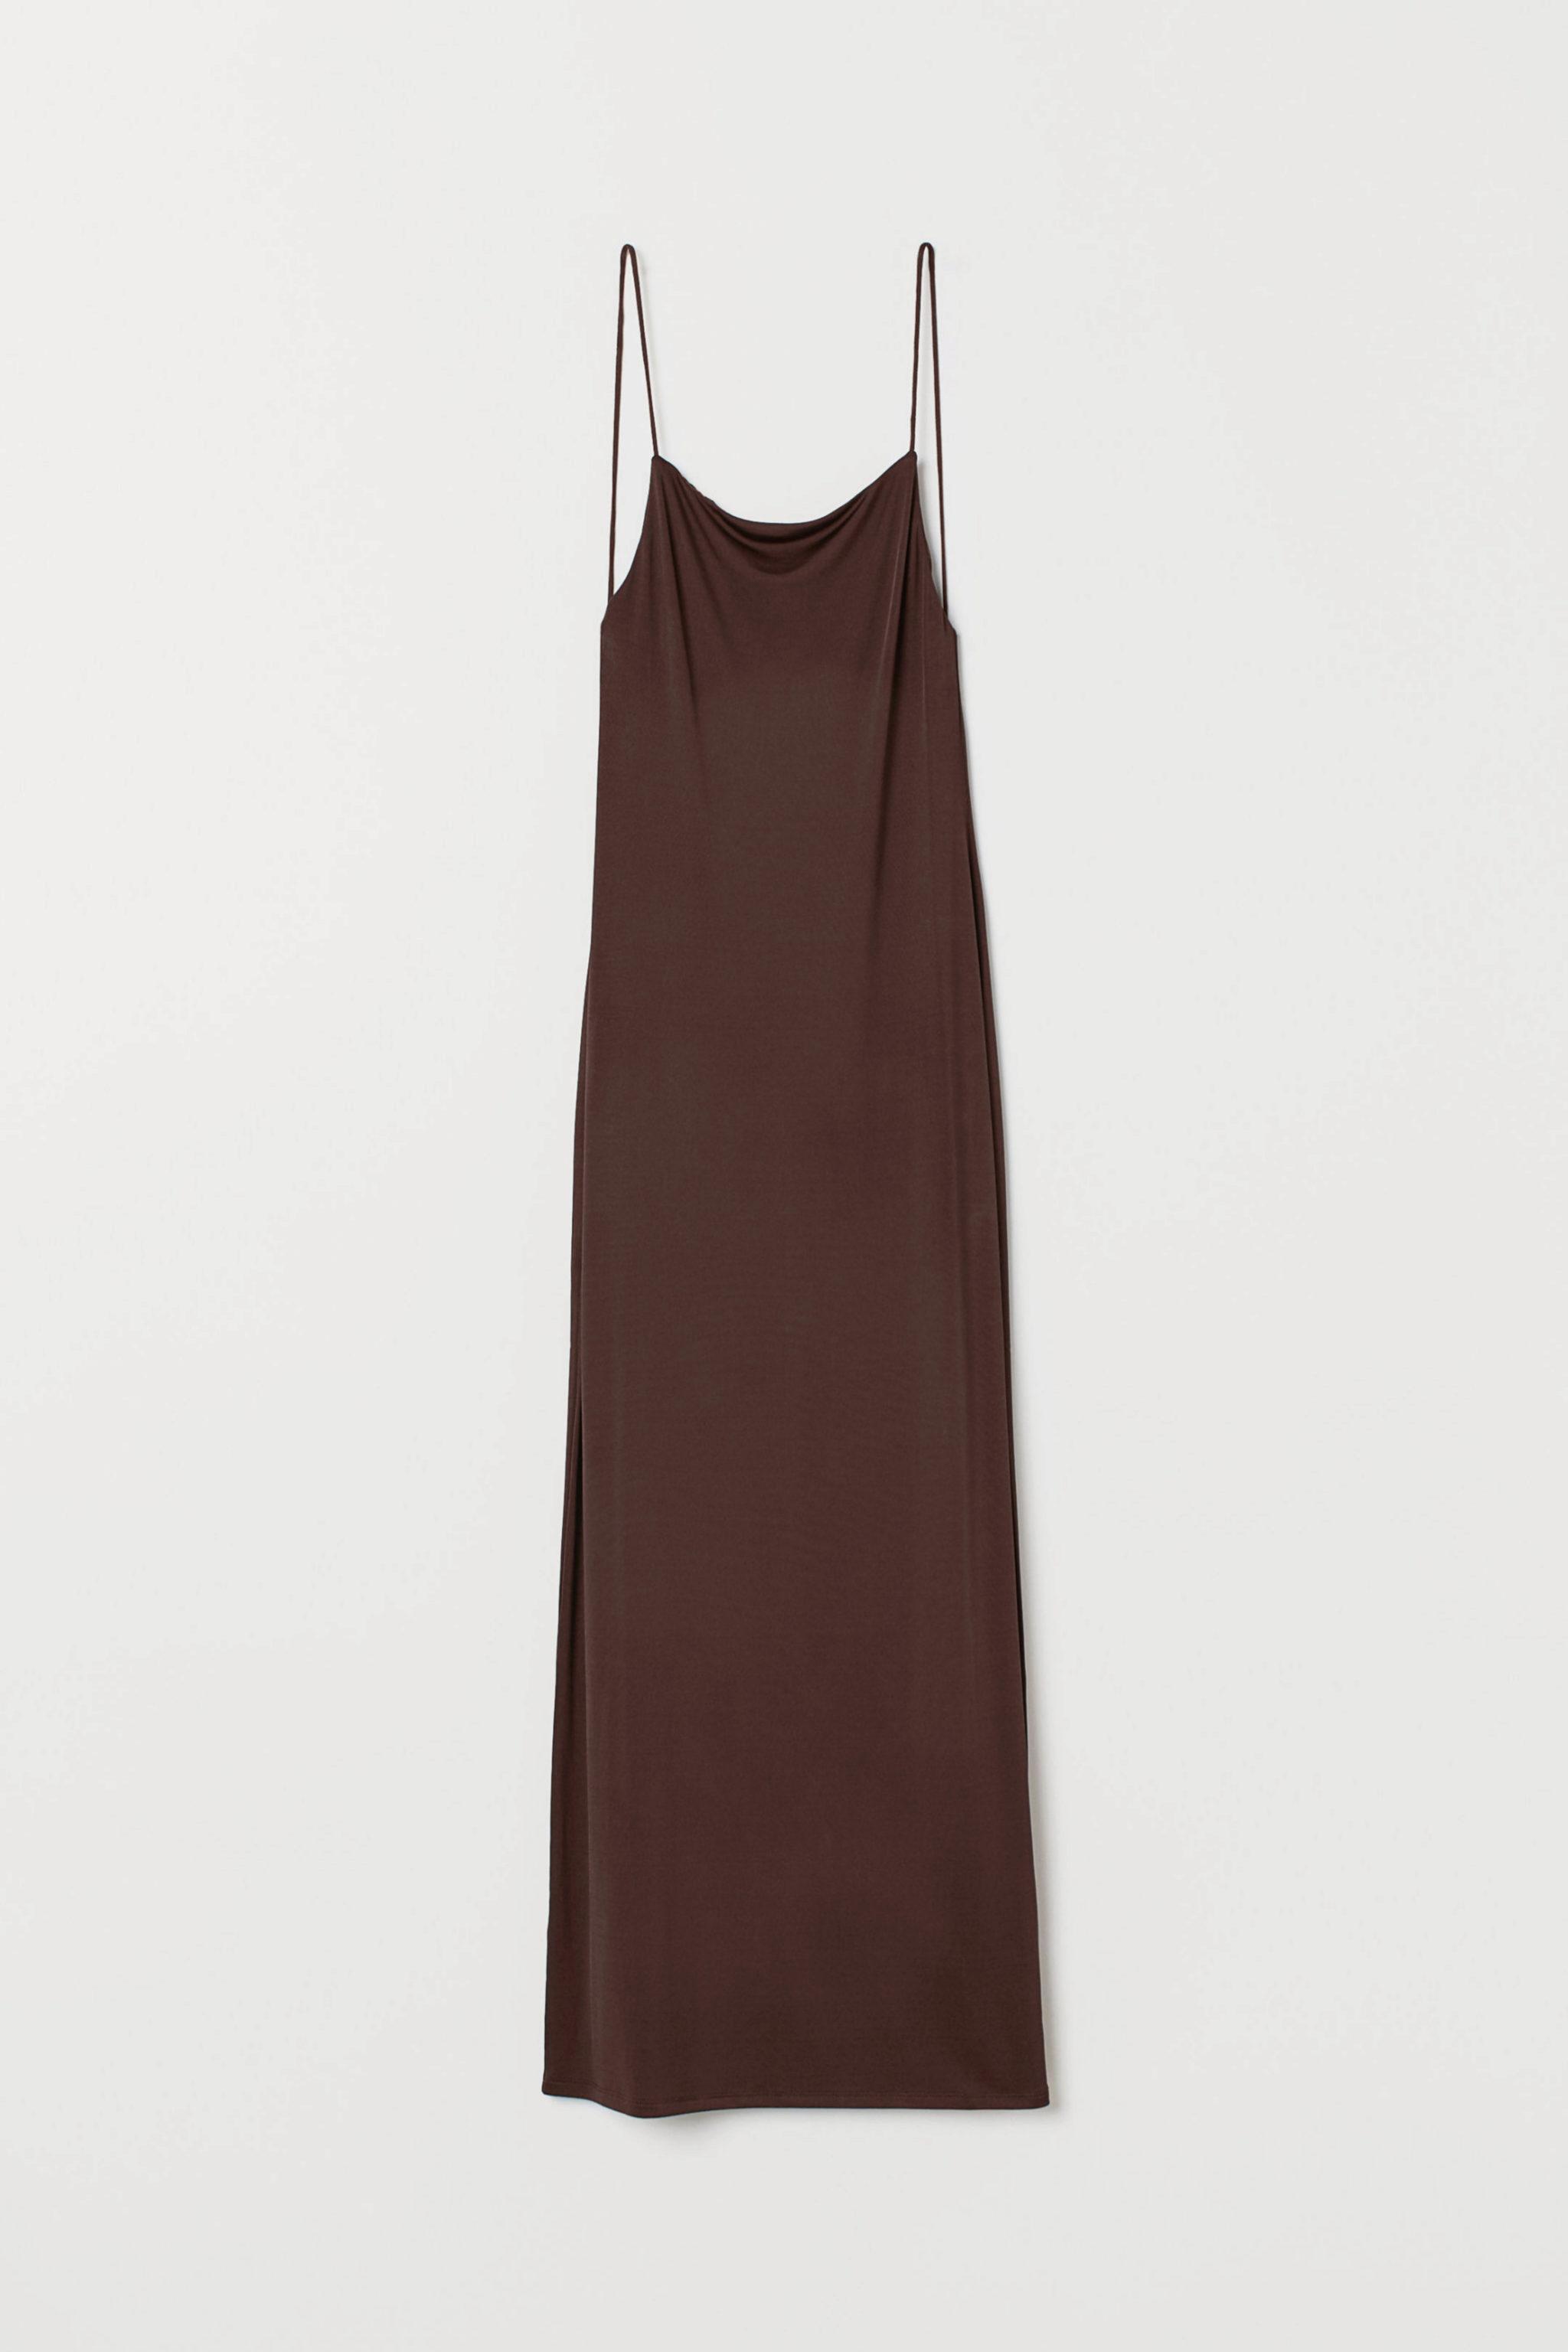 Vestido de corte minimal y espalda al aire de H&M